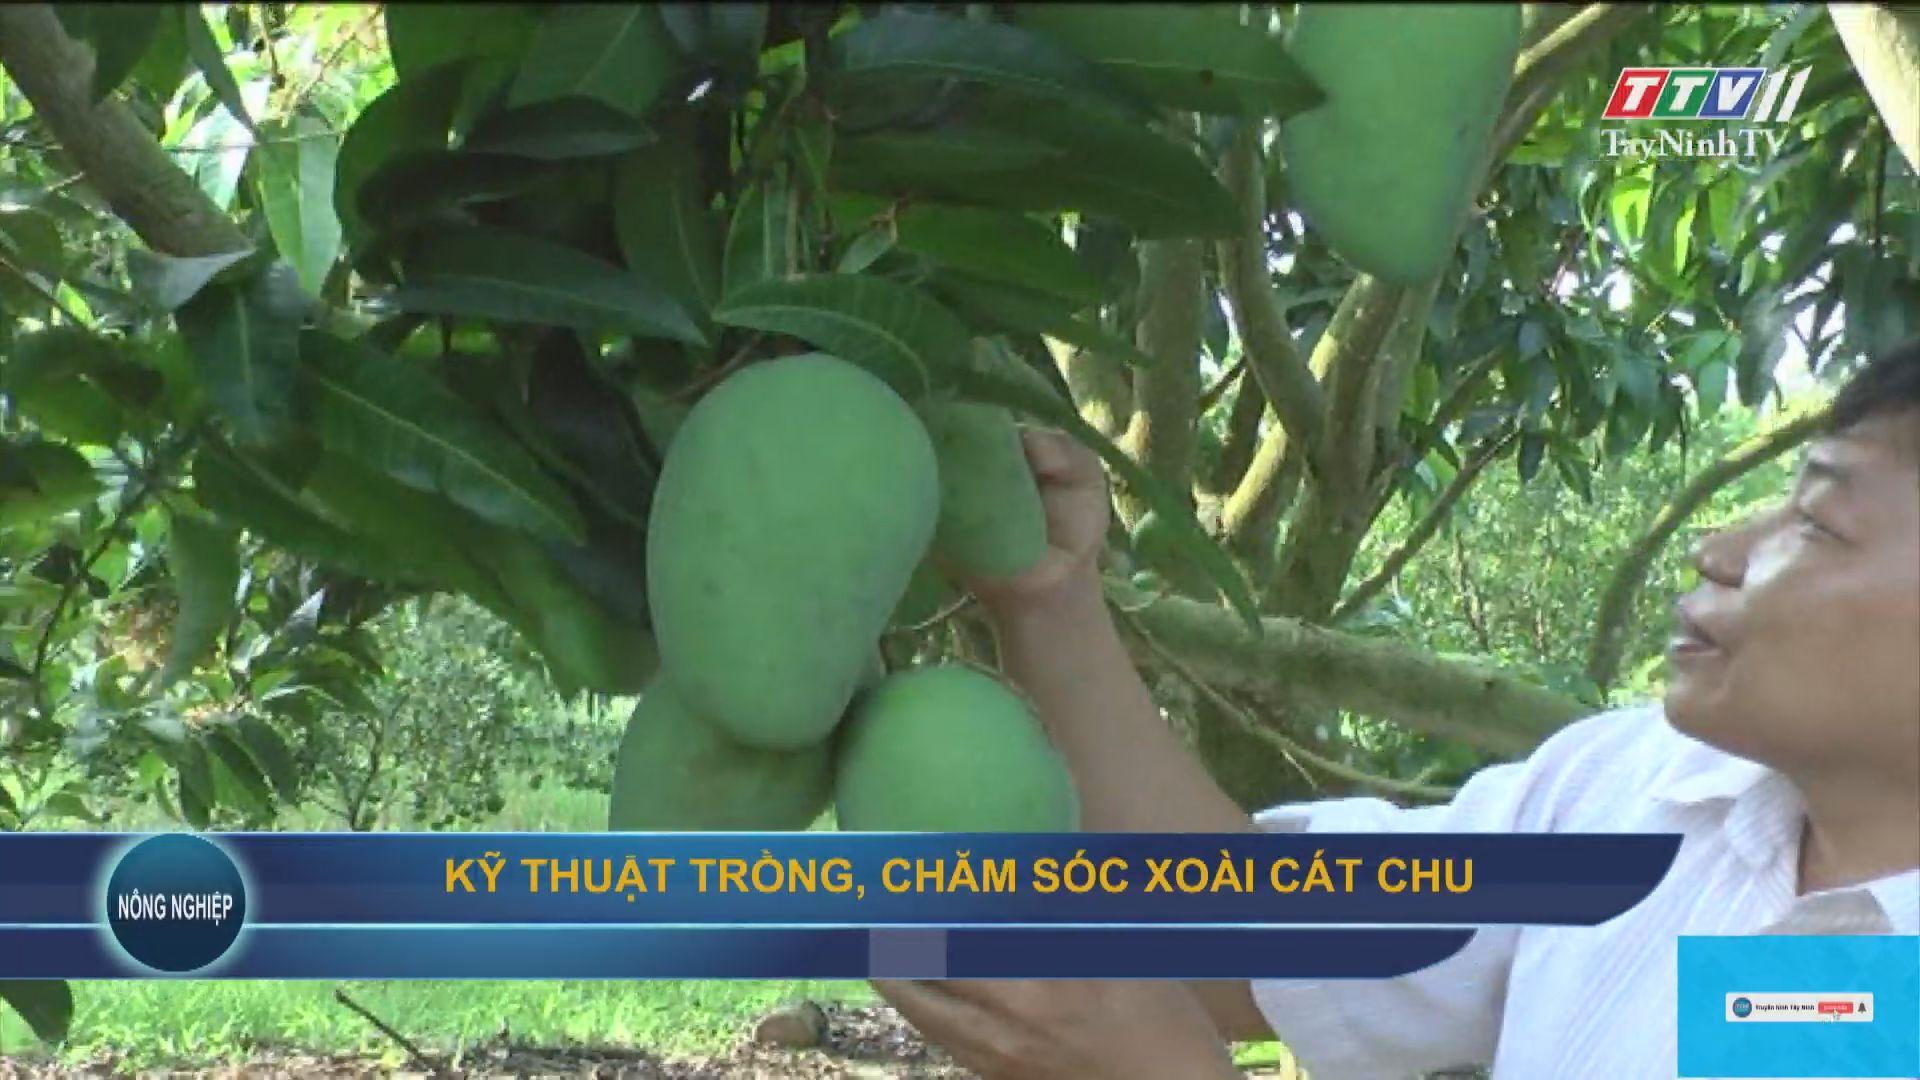 Kỹ thuật trồng, chăm sóc xoài cát chu   NÔNG NGHIỆP TÂY NINH   TayNinhTV